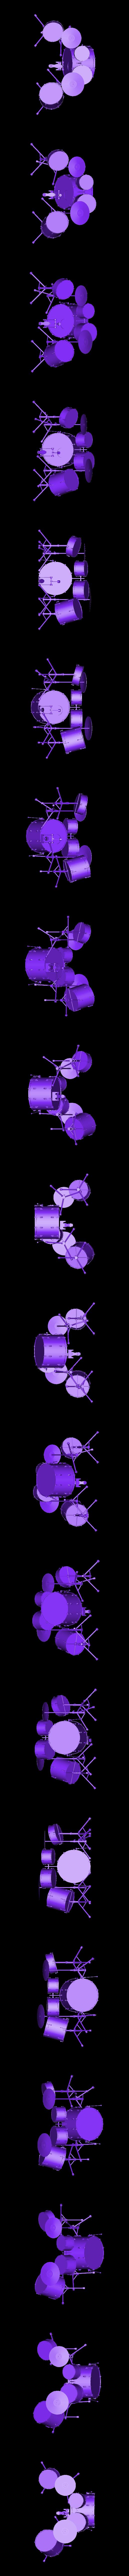 Whole Set.stl Télécharger fichier STL gratuit Maquette de la batterie • Objet pour impression 3D, itzu